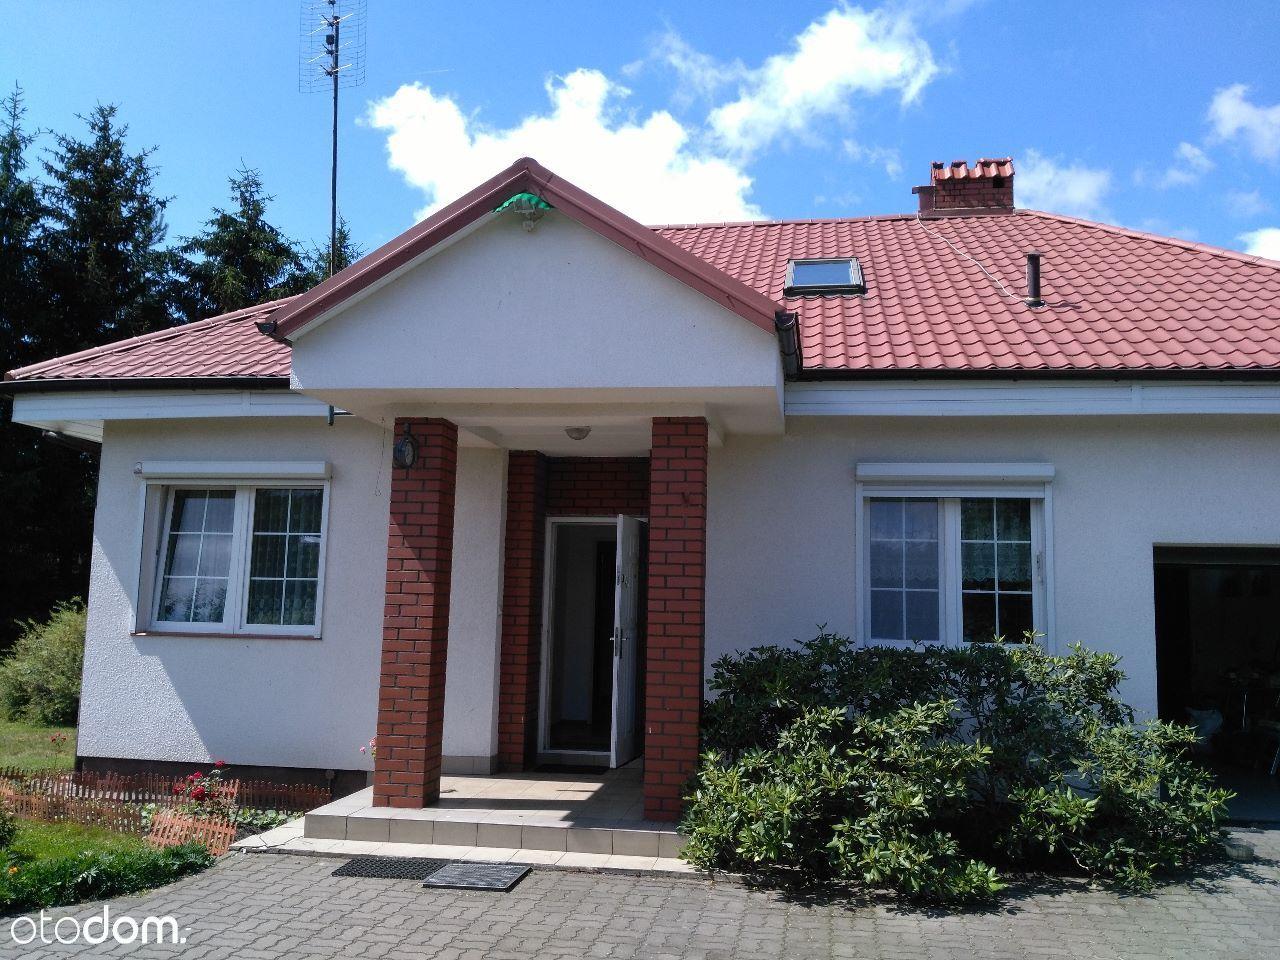 Dom na sprzedaż, Bożenkowo, bydgoski, kujawsko-pomorskie - Foto 1